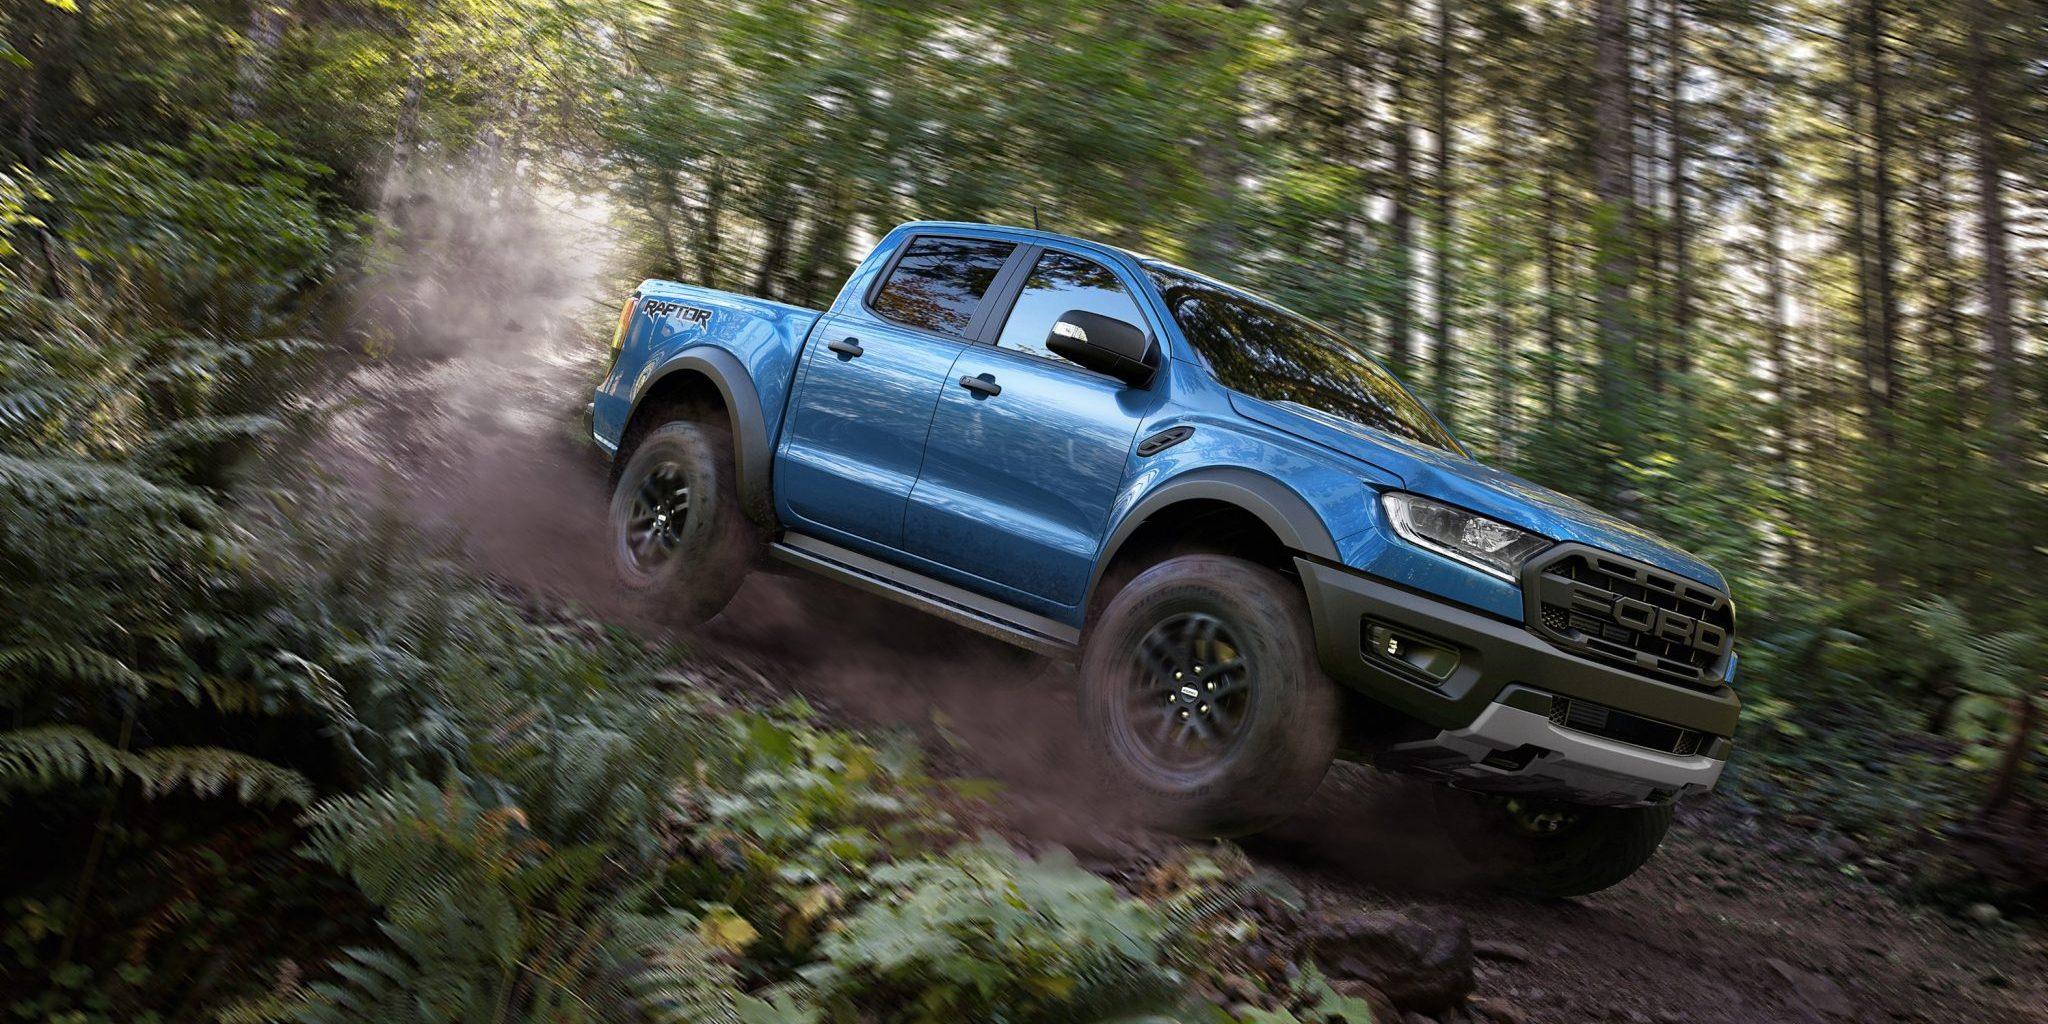 Ford updates Ranger Raptor and Wildtrak models